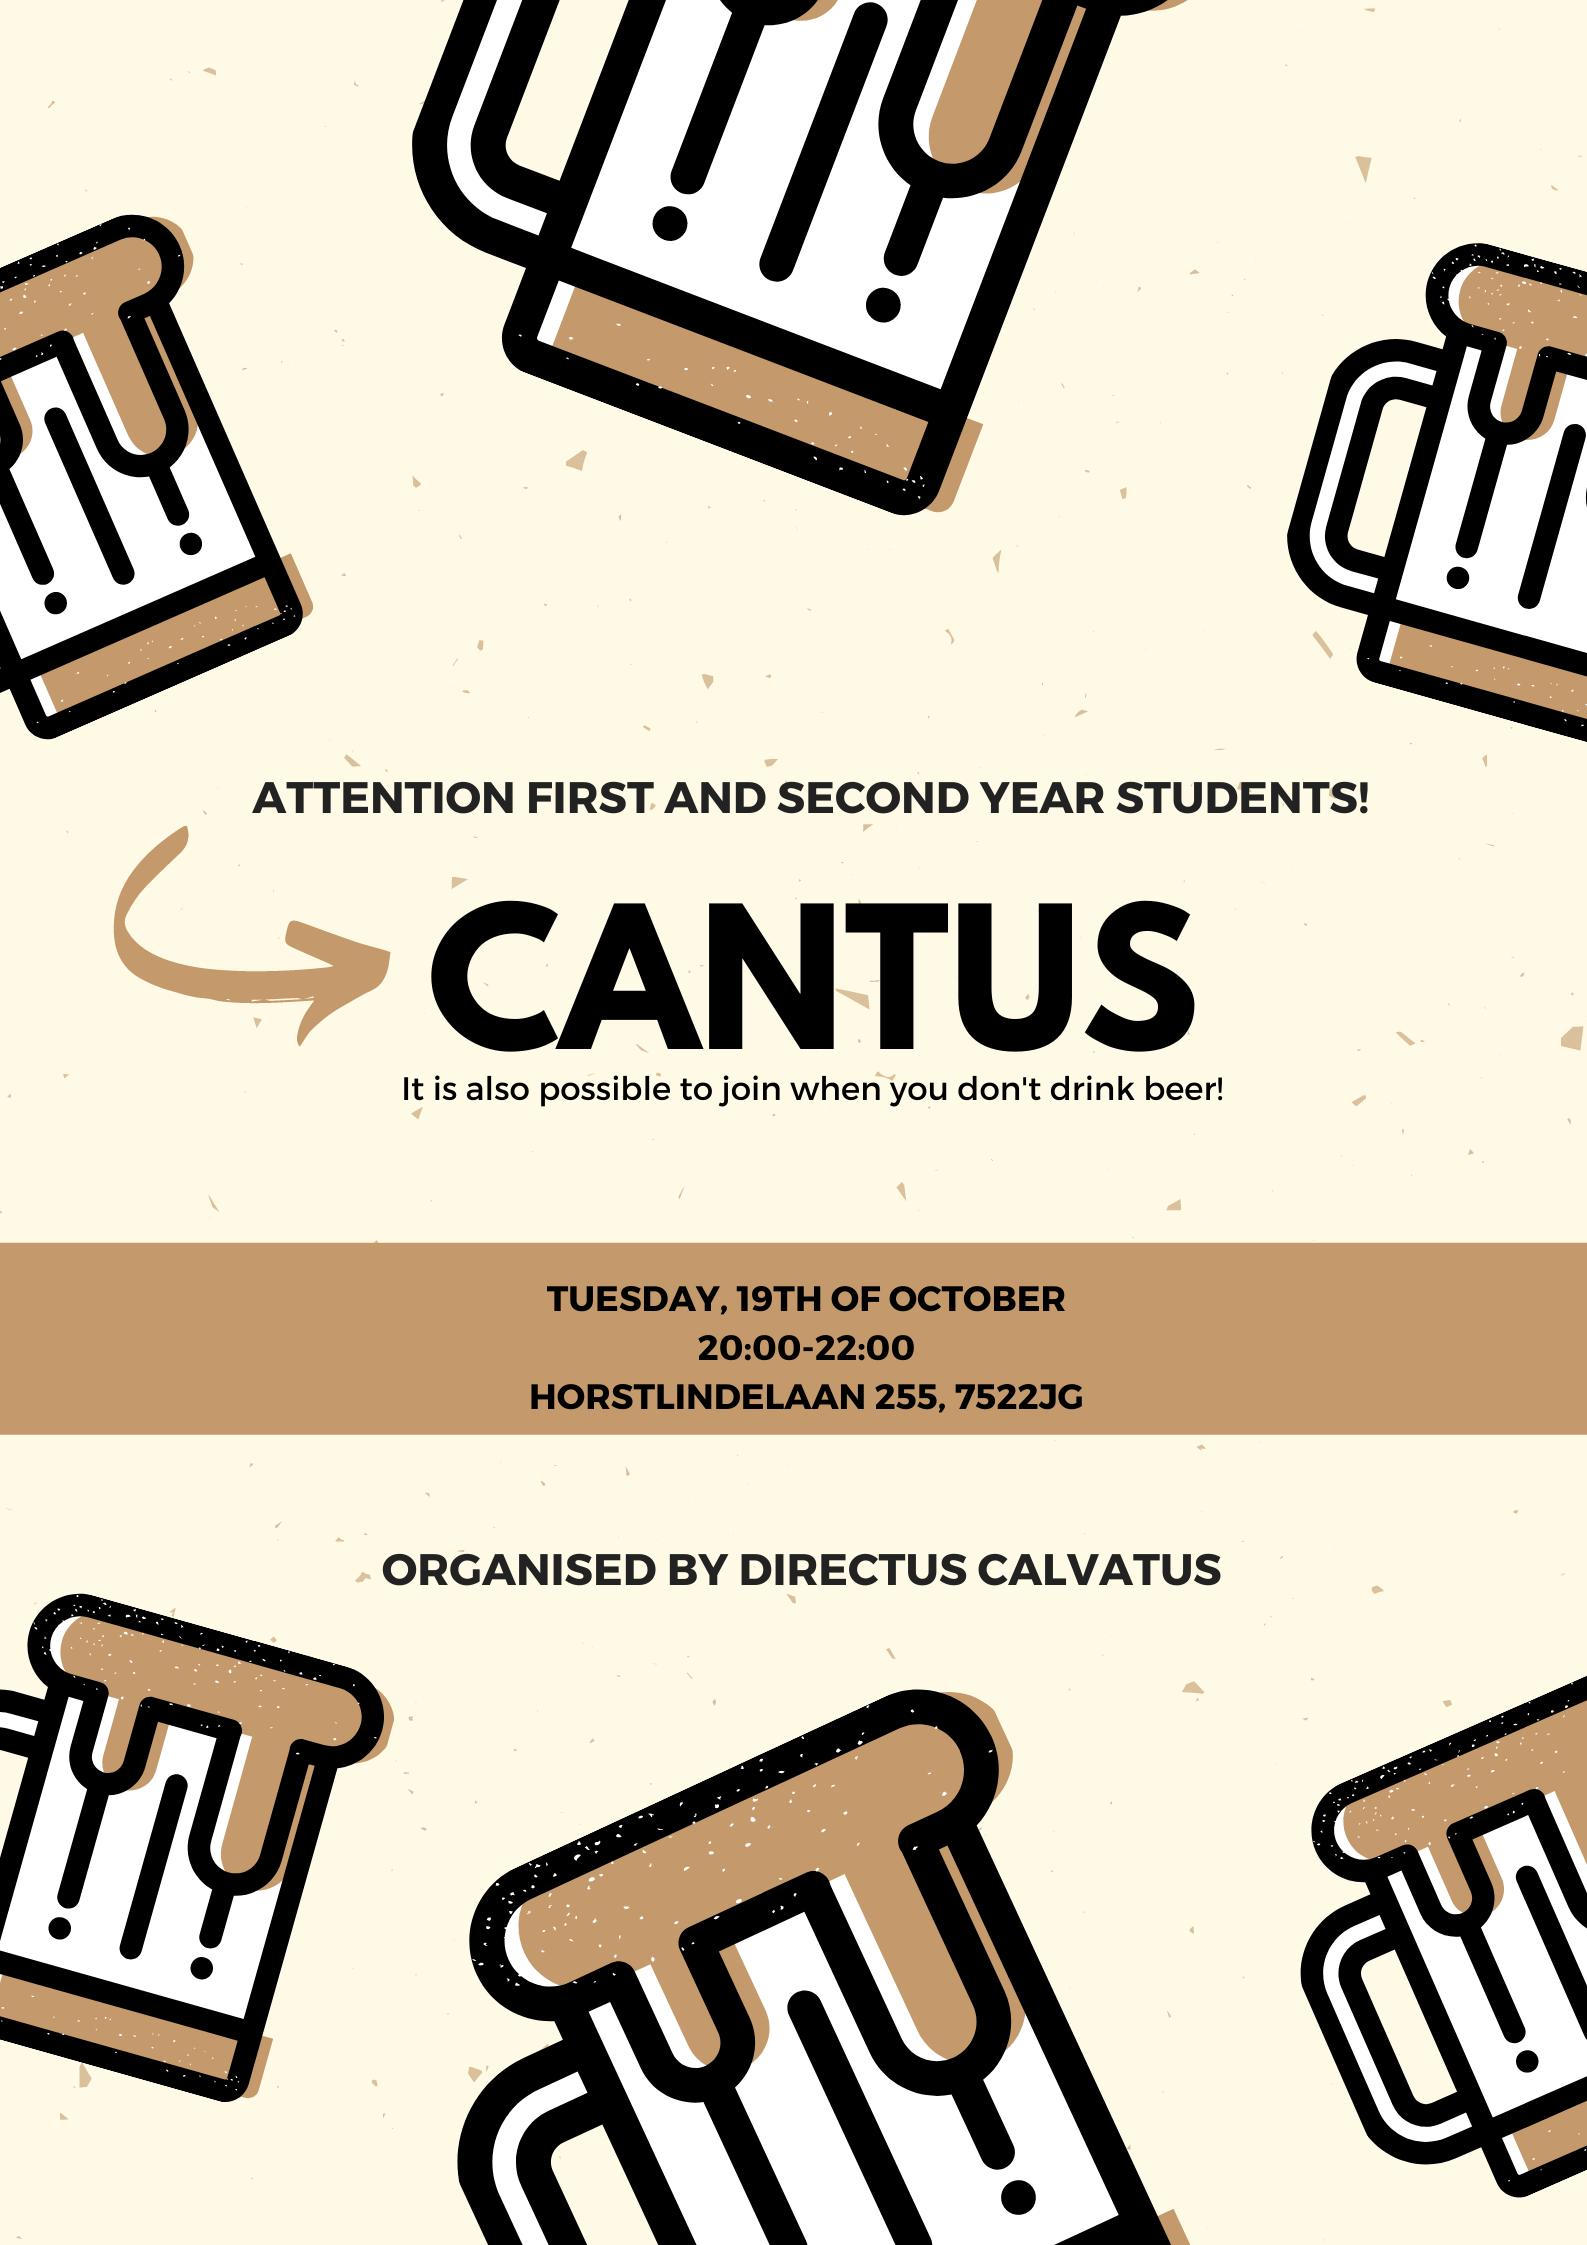 [CANCELLED] Directus Calvatus Cantus